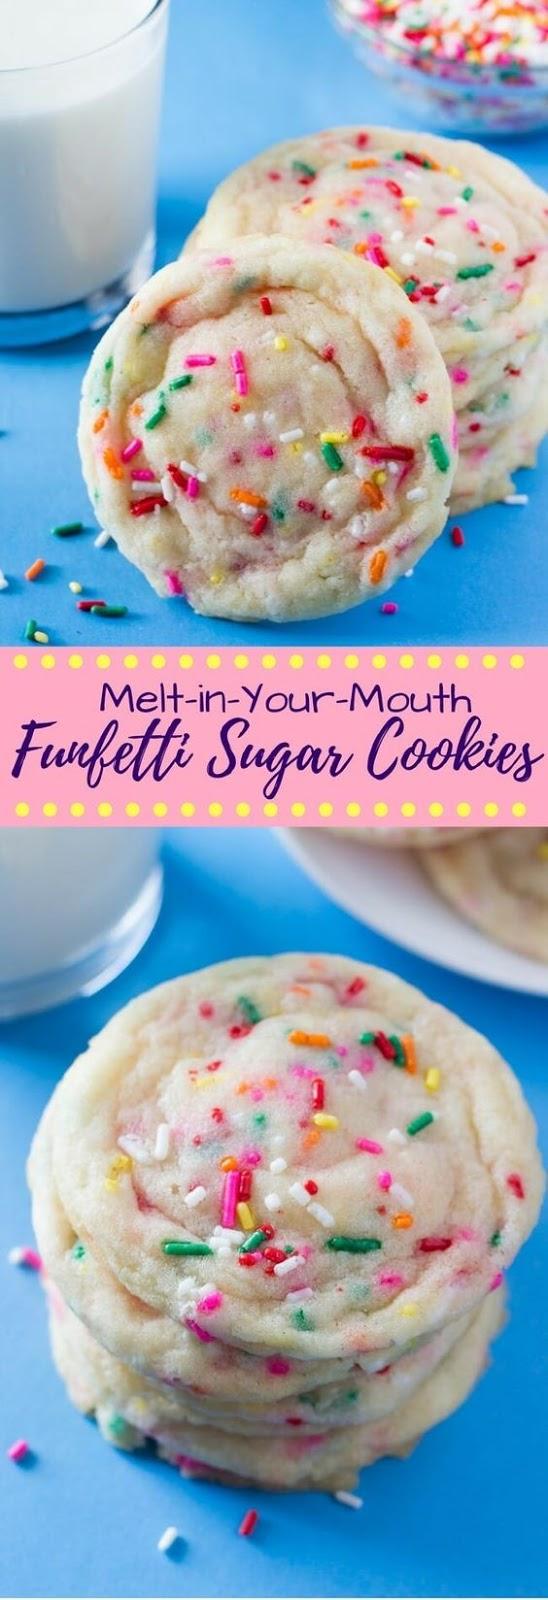 Funfetti Cookies from Scratch #funfetti #cookies #cookierecipes #scratch